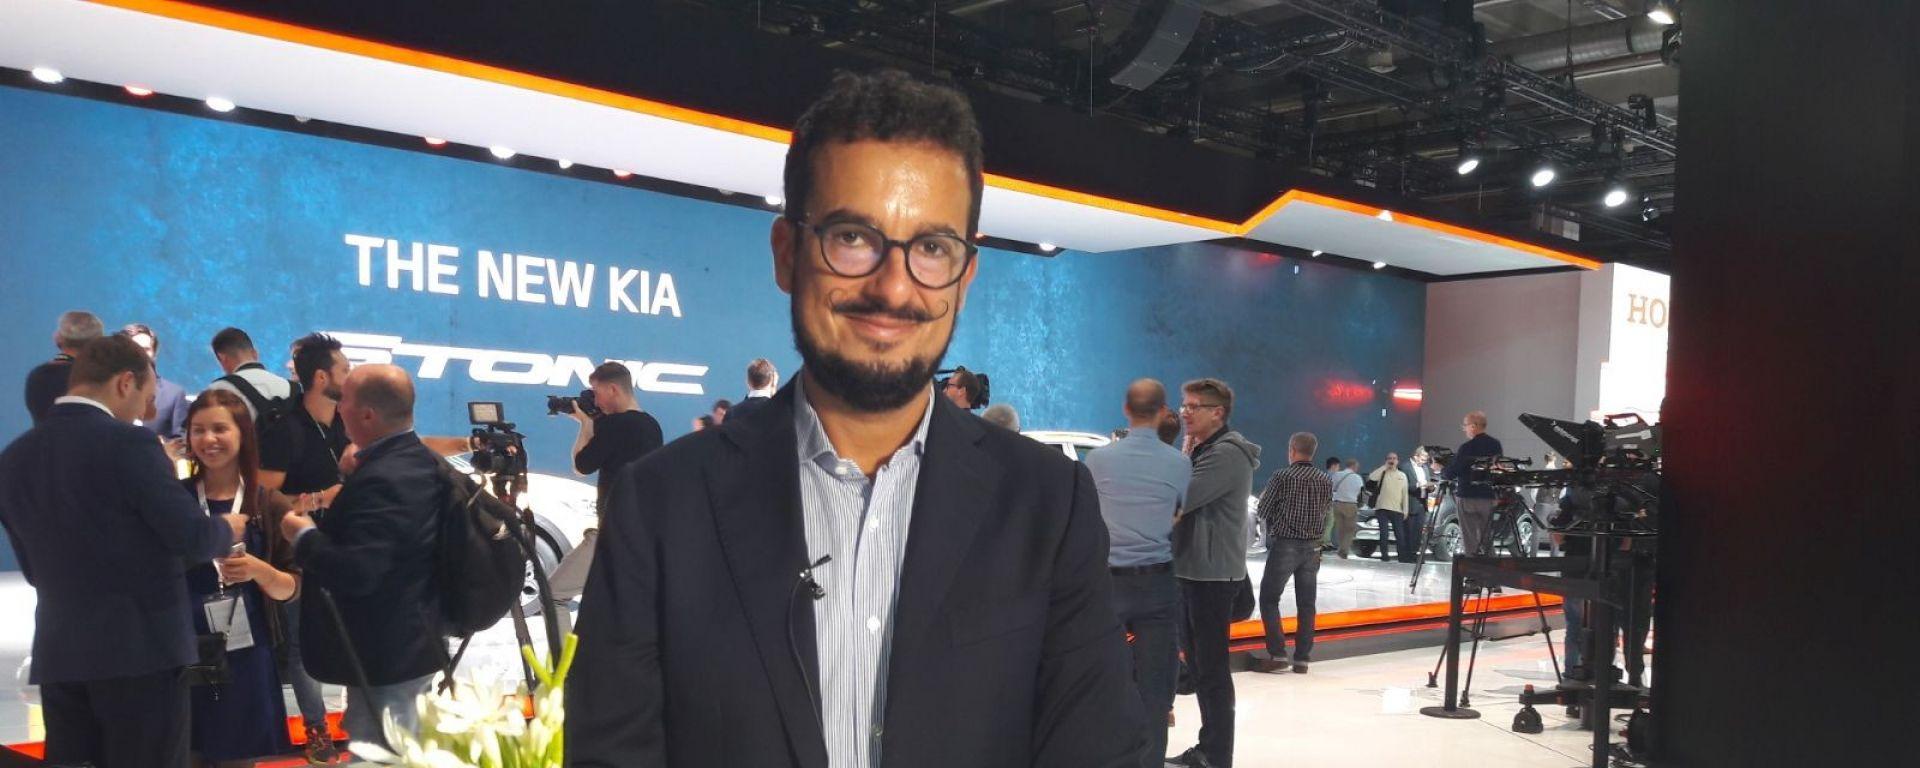 Le novità Kia raccontate da Giuseppe Mazzara, Marketing Communication e PR Director Kia Motors Italia